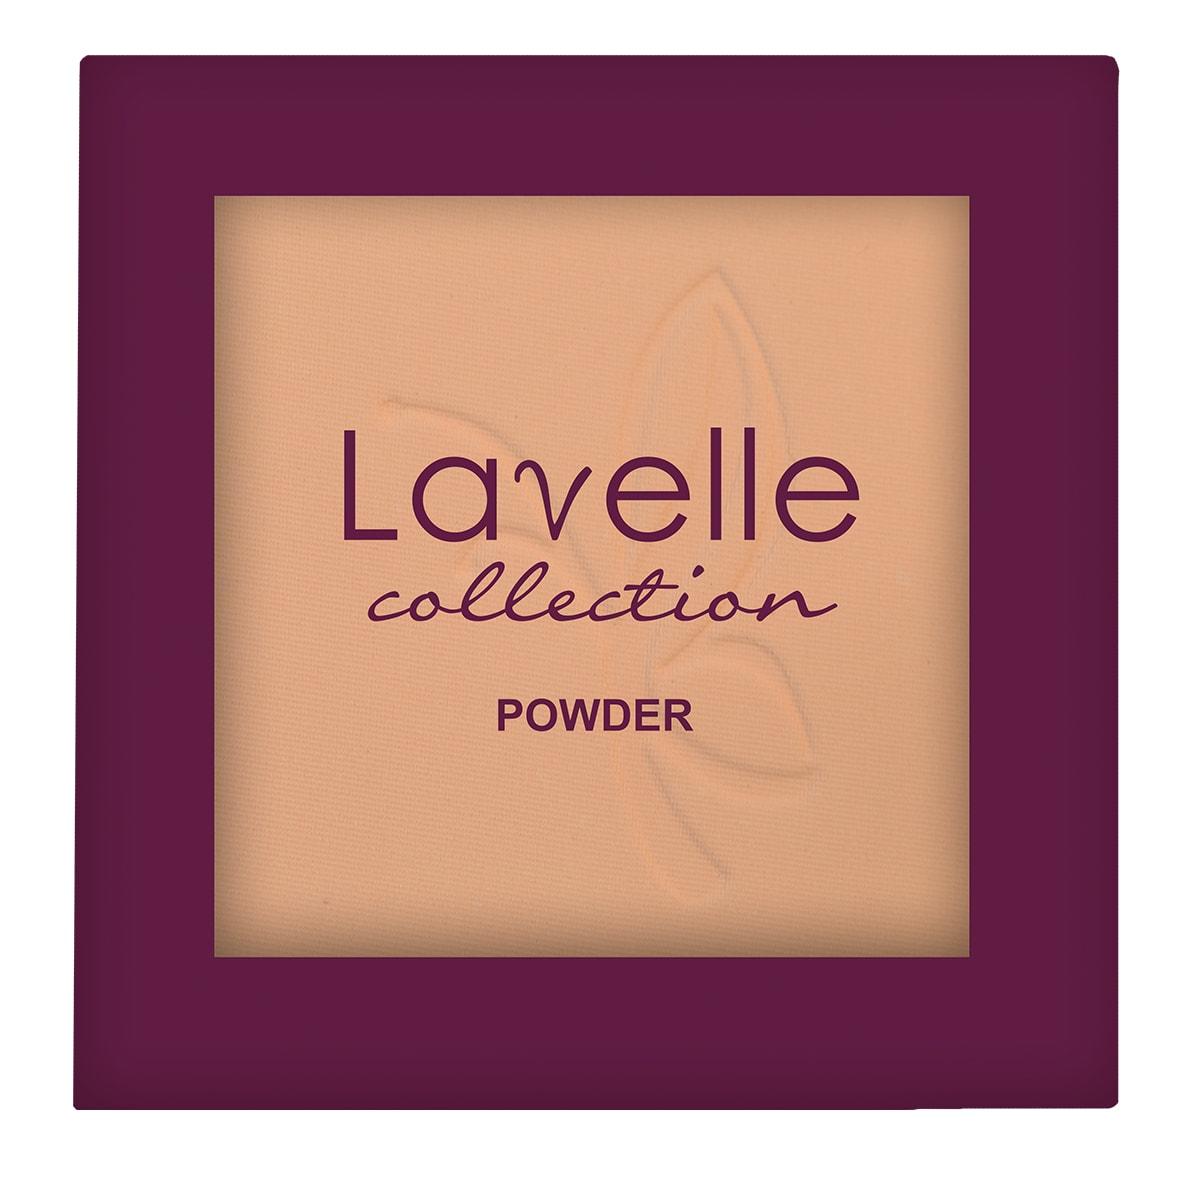 Фото - Lavelle Collection пудра для лица PD-09 компактная тон 02 36г lavelle collection пудра для лица pd 11 компактная тон 05 кремовый 40г